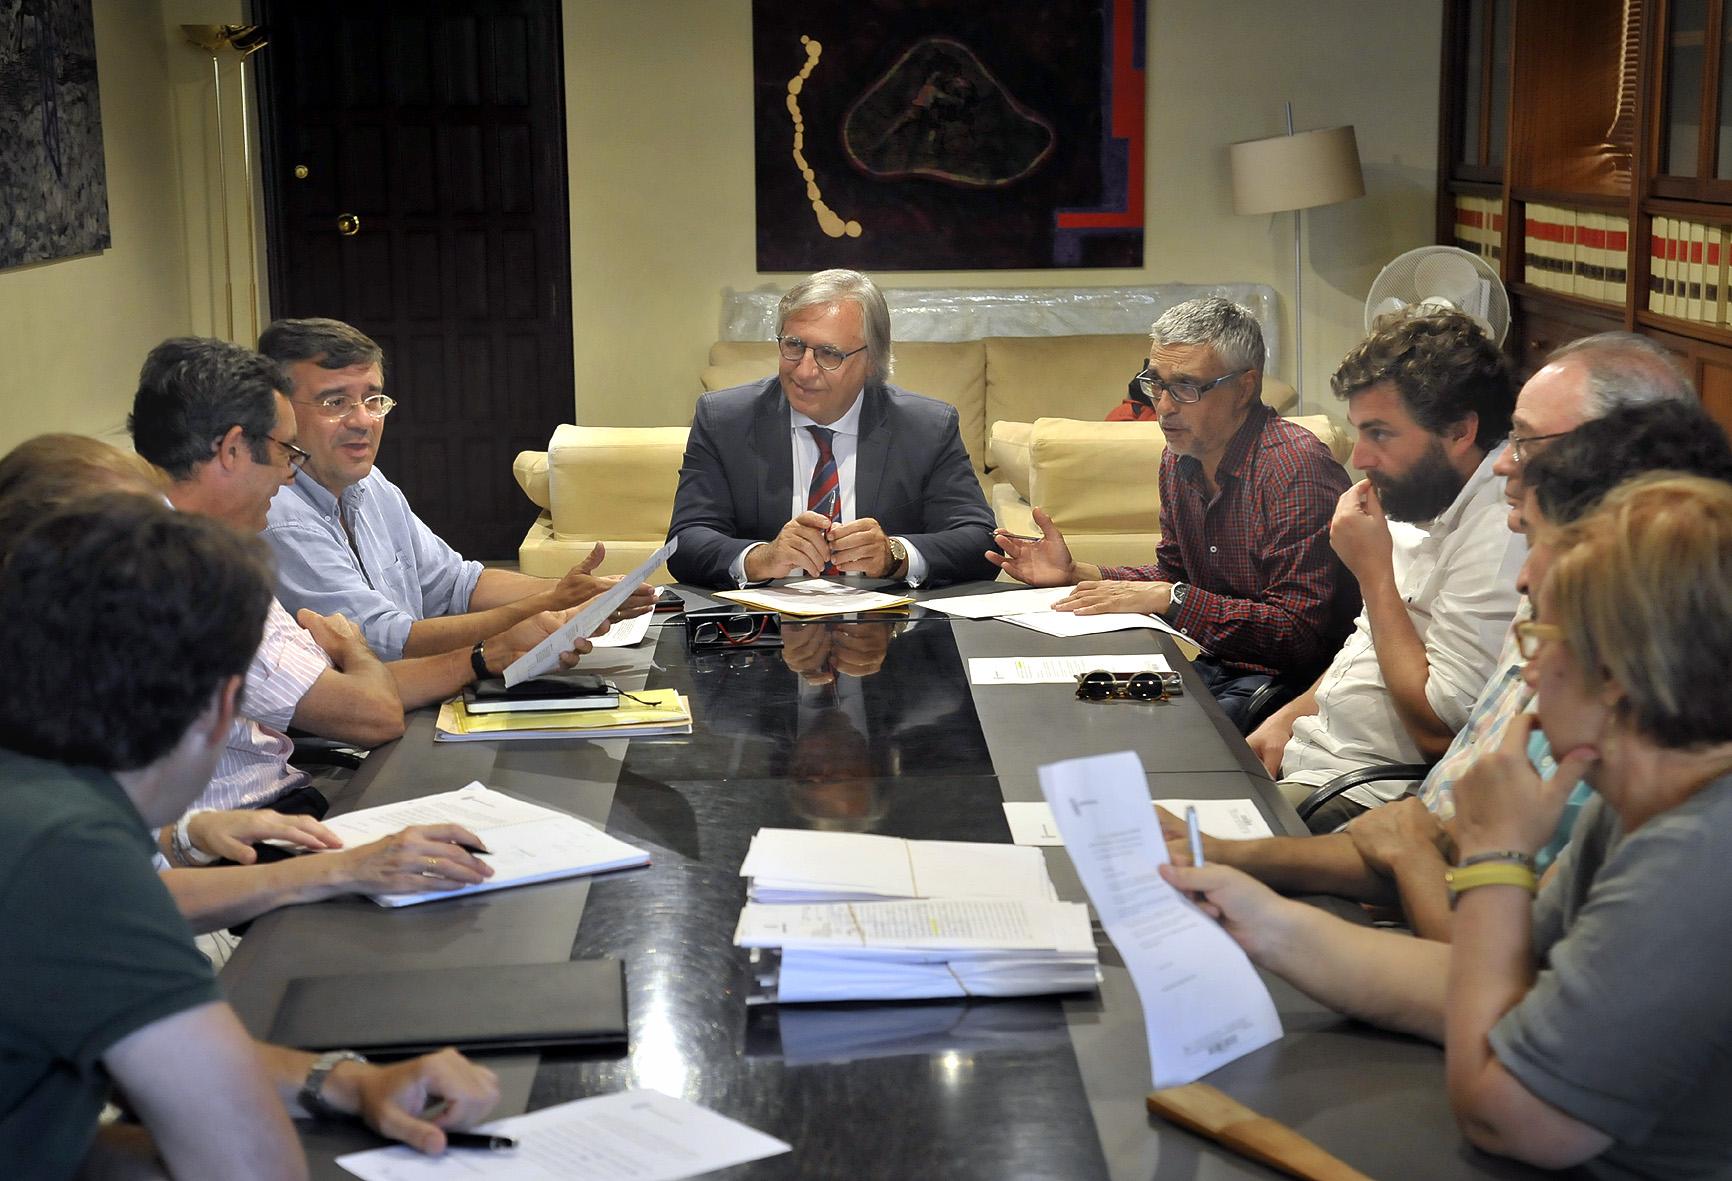 Fco_Camas_preside_Comision_de_Patrimonio